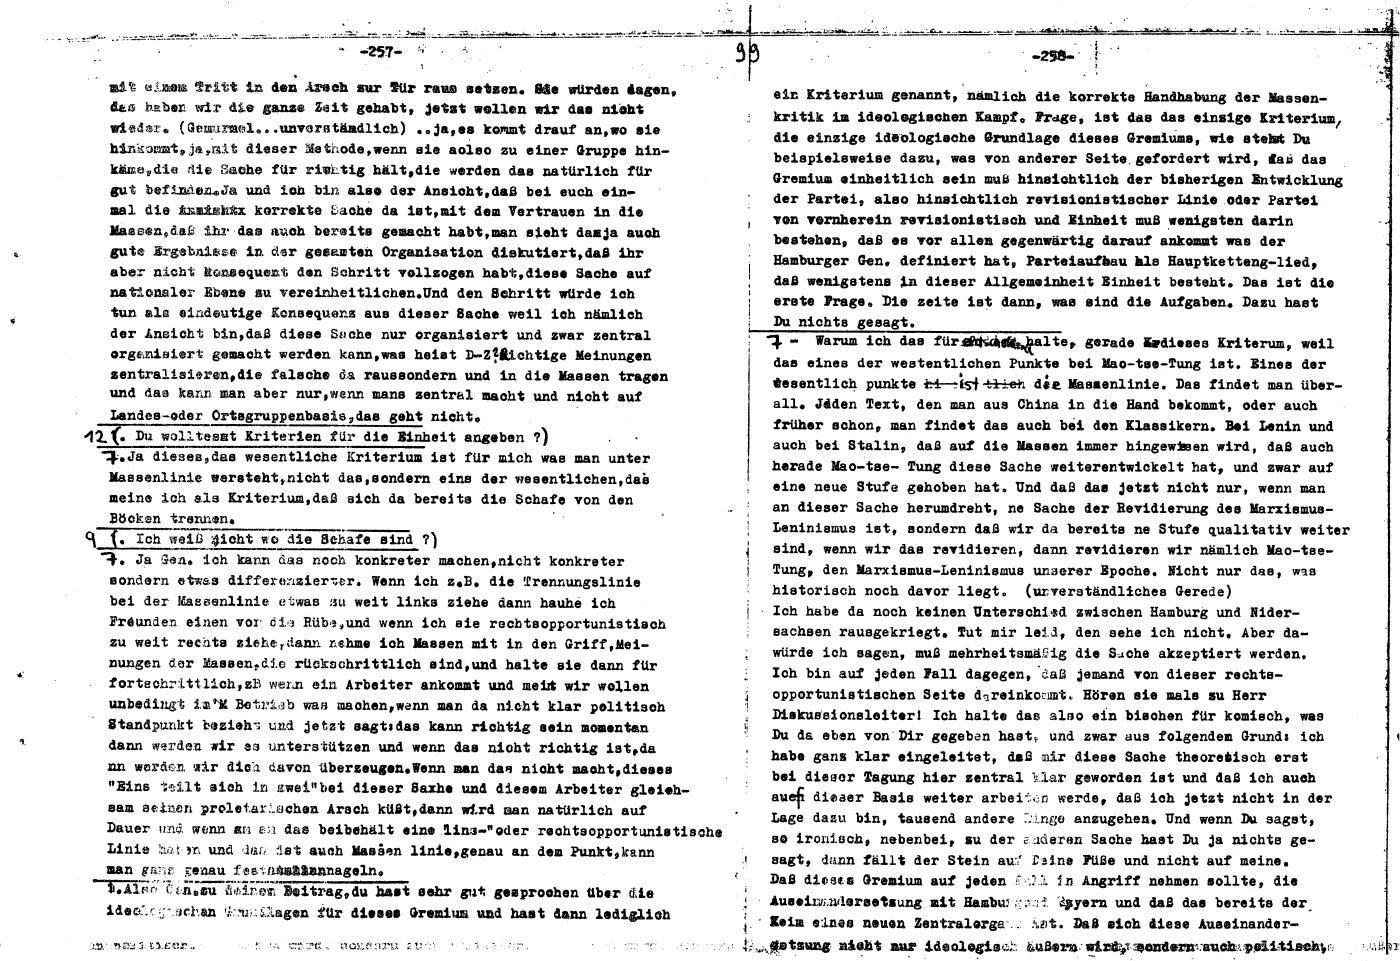 KPDML_1971_Wortprotokolle_aoPt_055